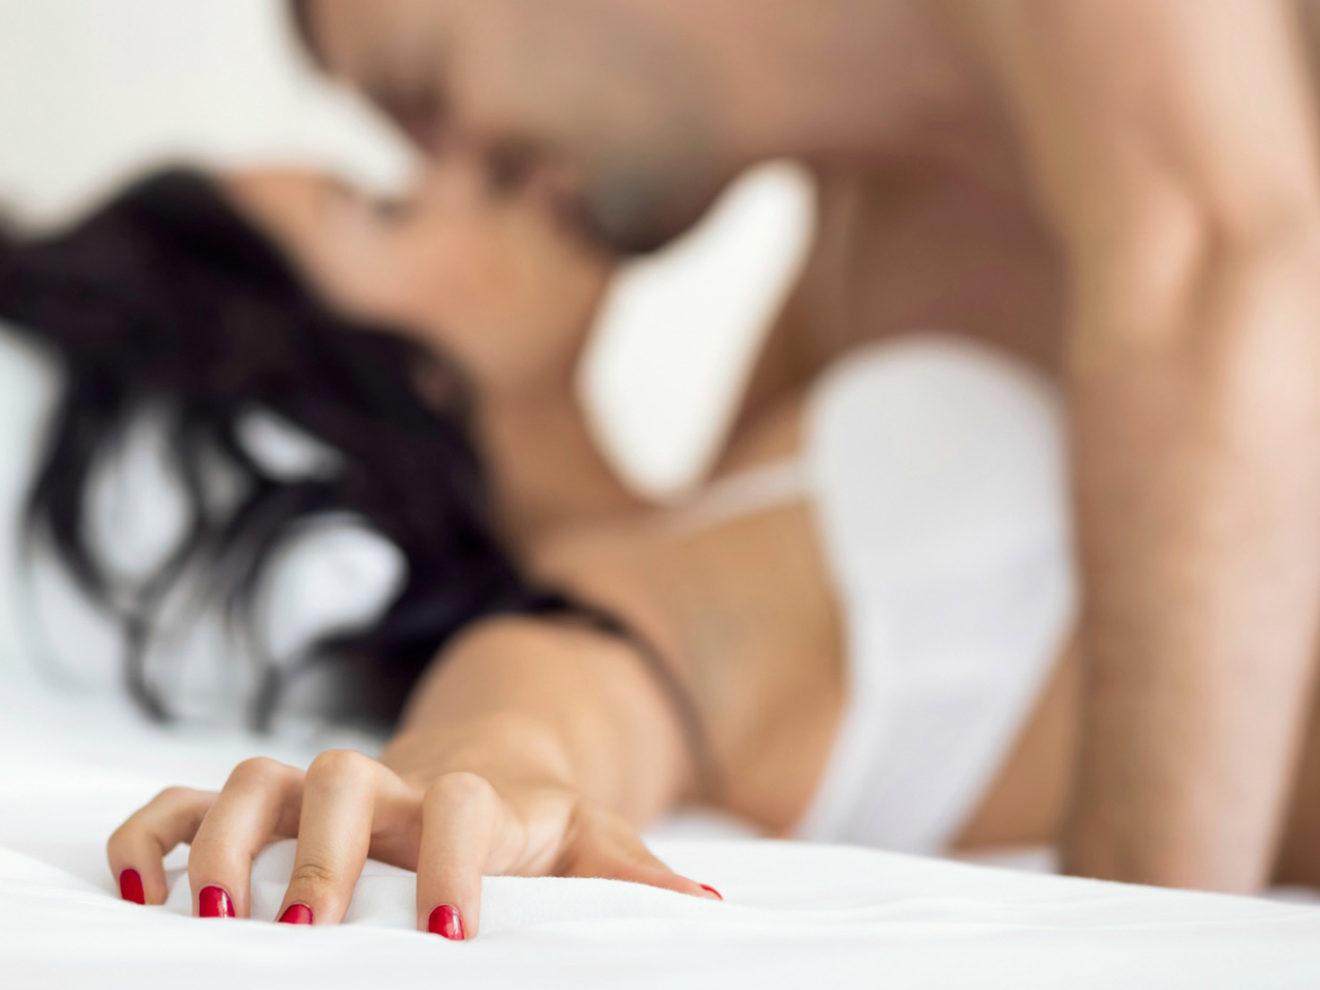 Как разнообразить интимную жизнь с постоянной партнёршей?